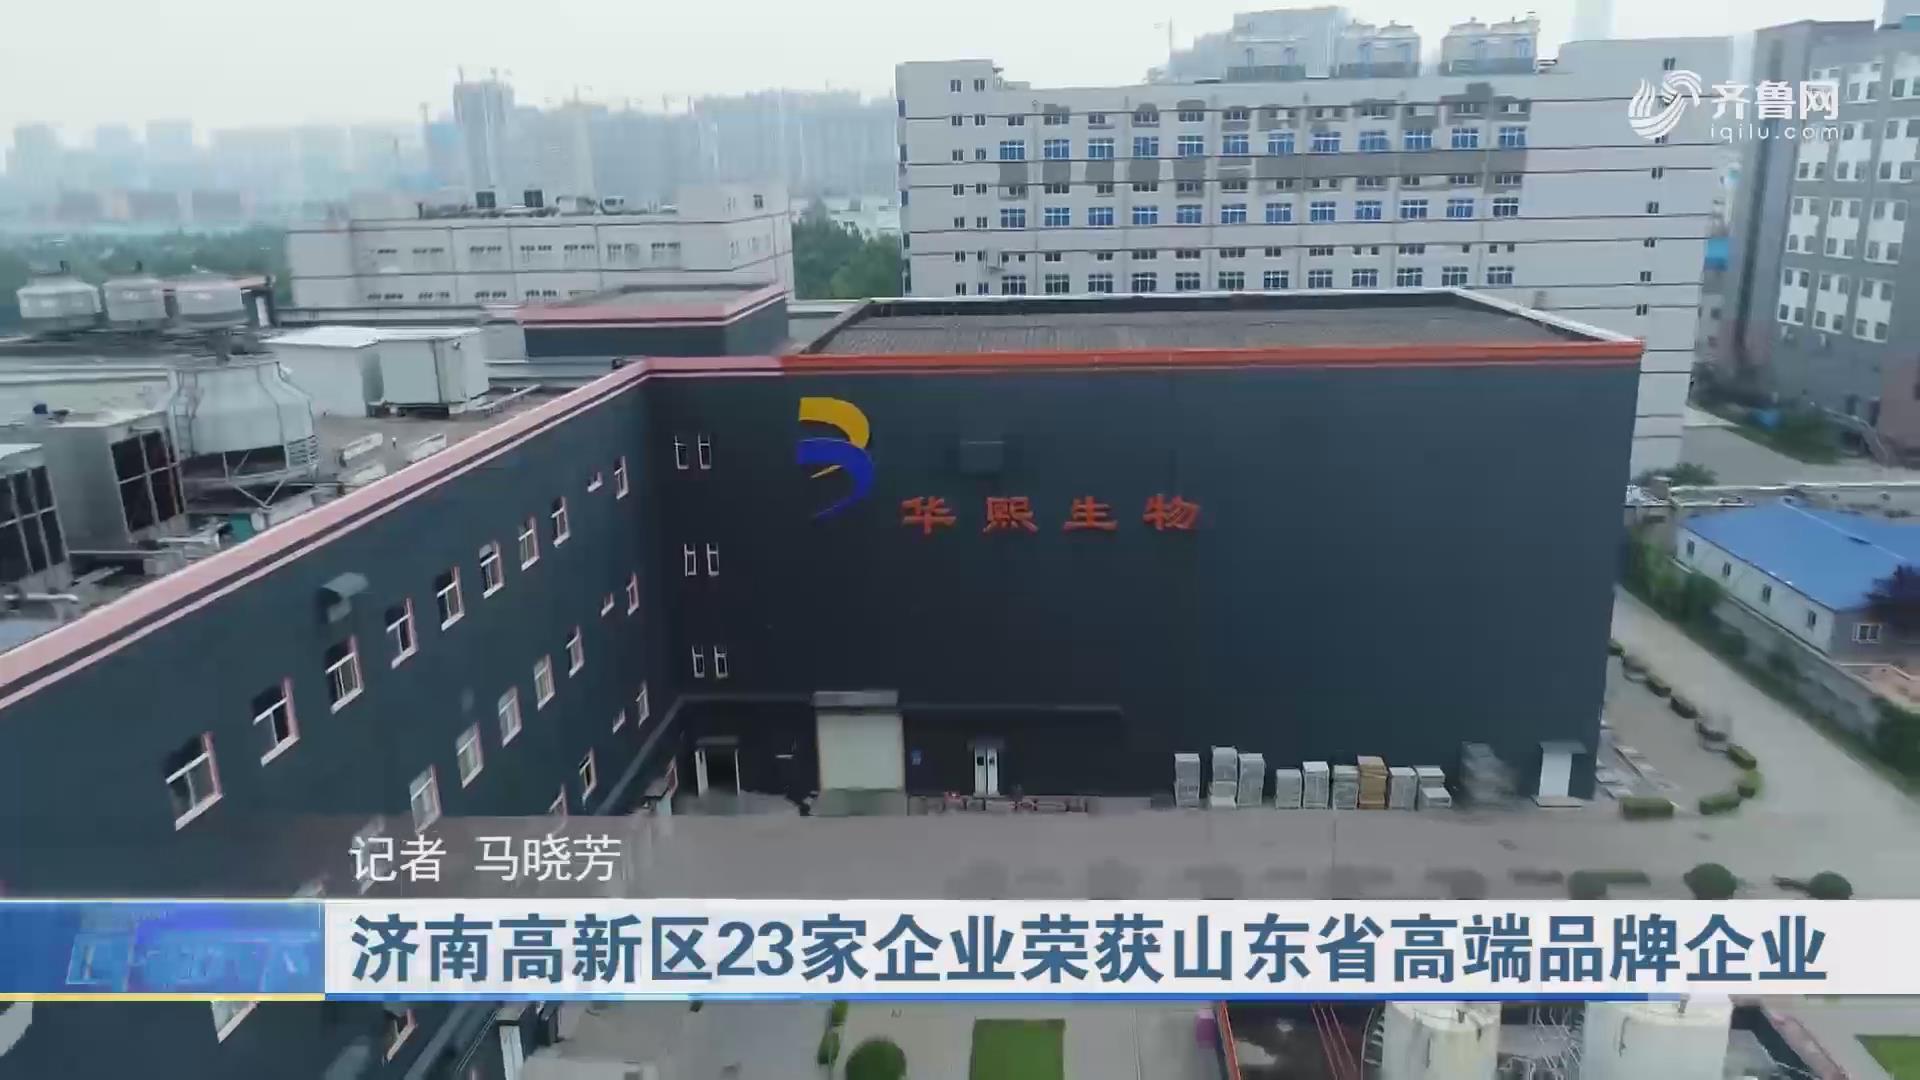 济南高新区23家企业荣获山东省高端品牌企业